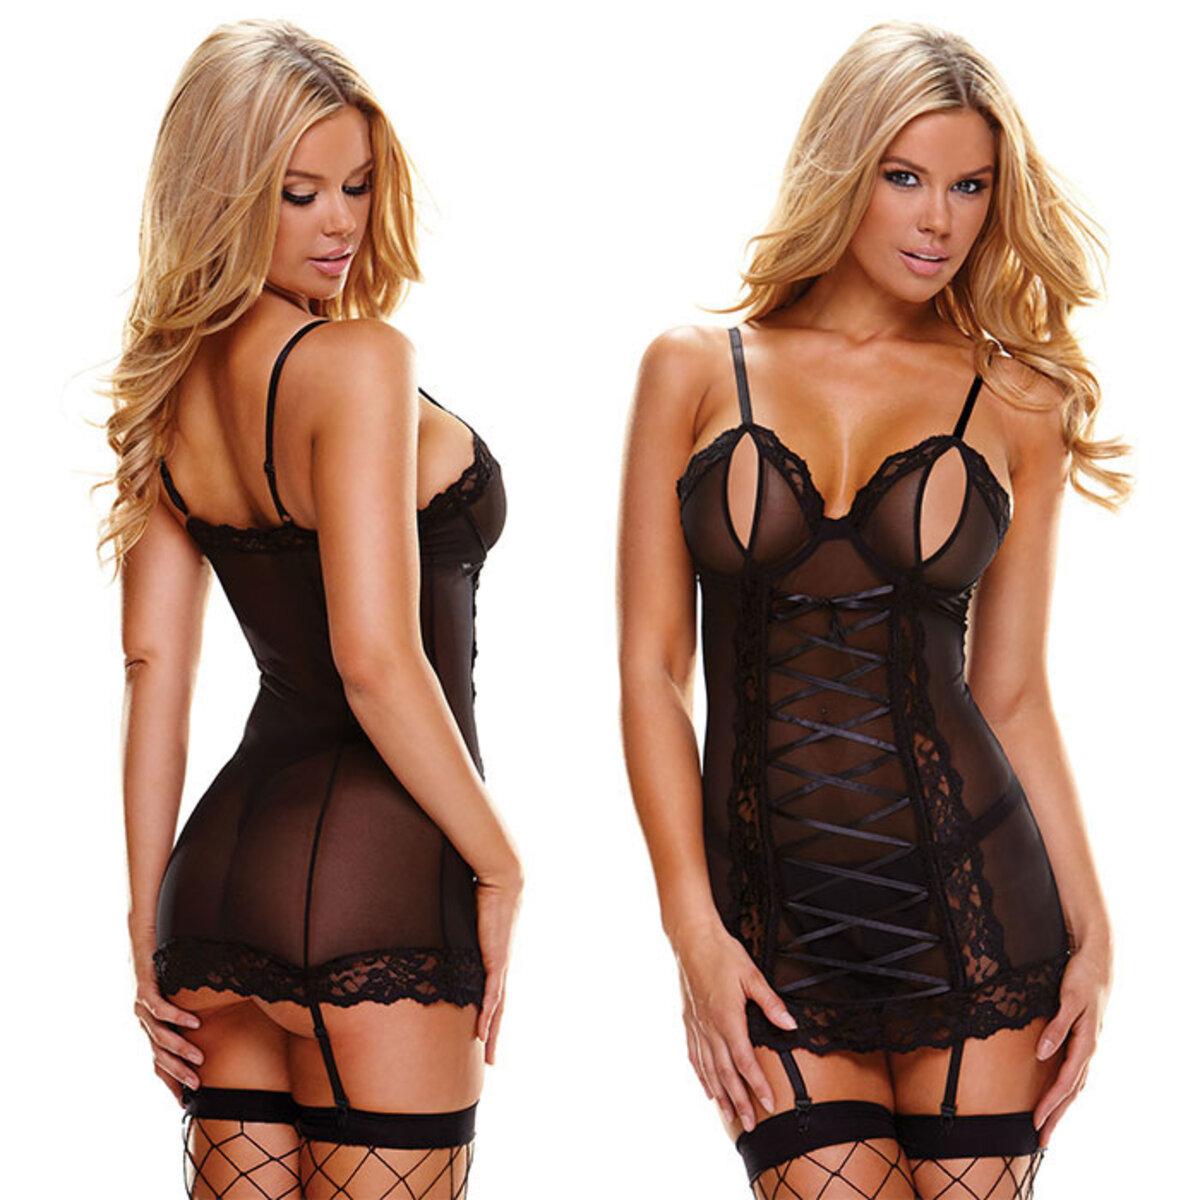 русская интимная одежда смотреть онлайн что